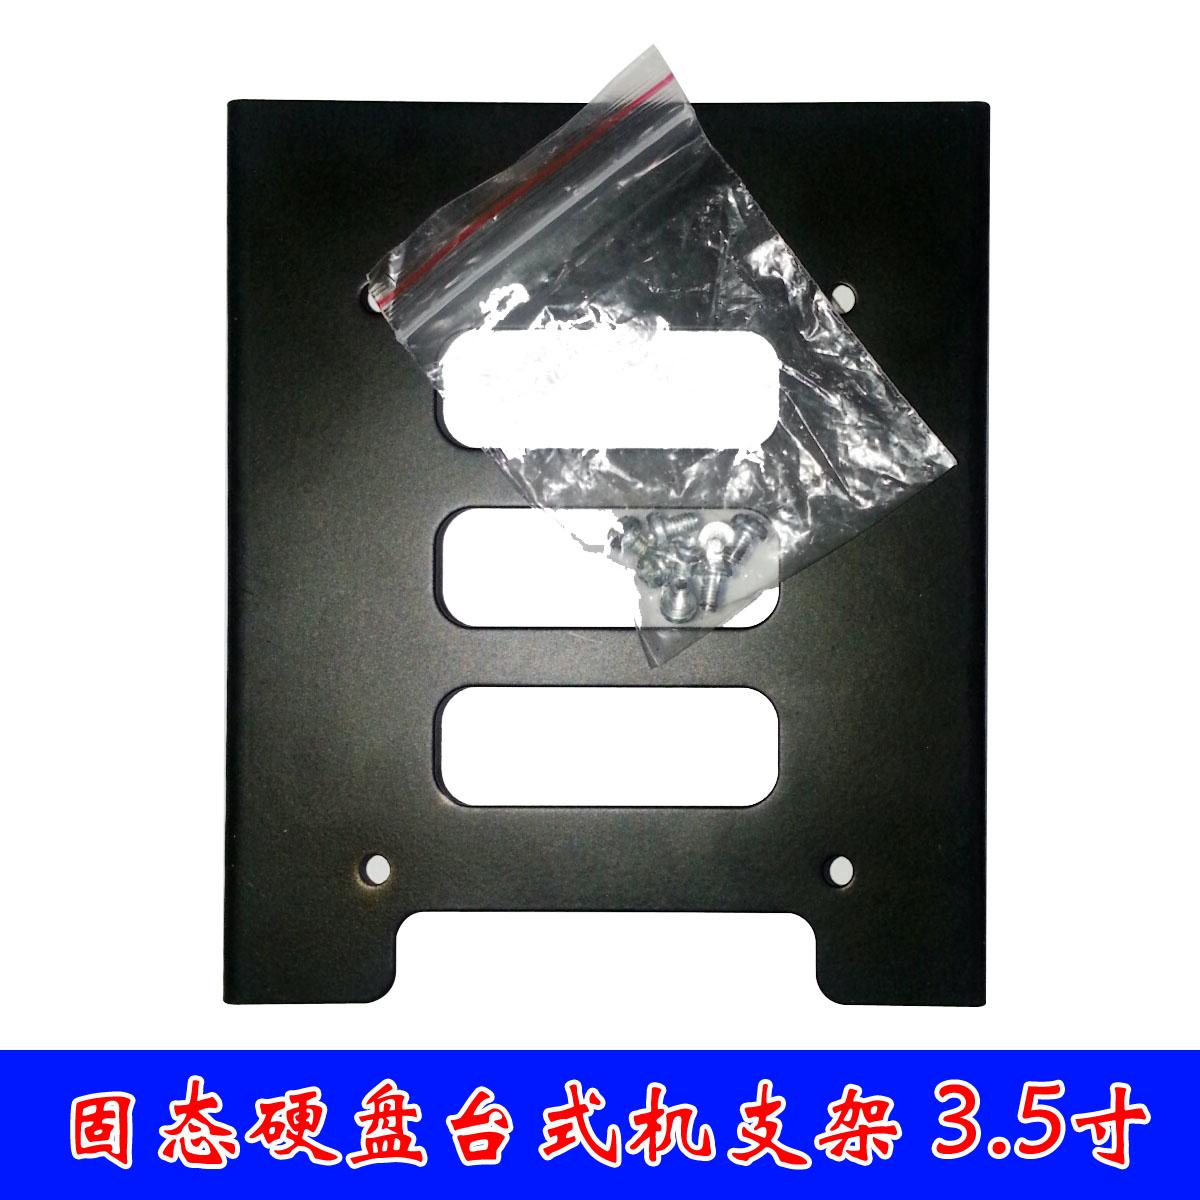 ドライブベイ2 . 5寸転3 . 5寸SSD SSDステント金属機デスクトップケースホルダ